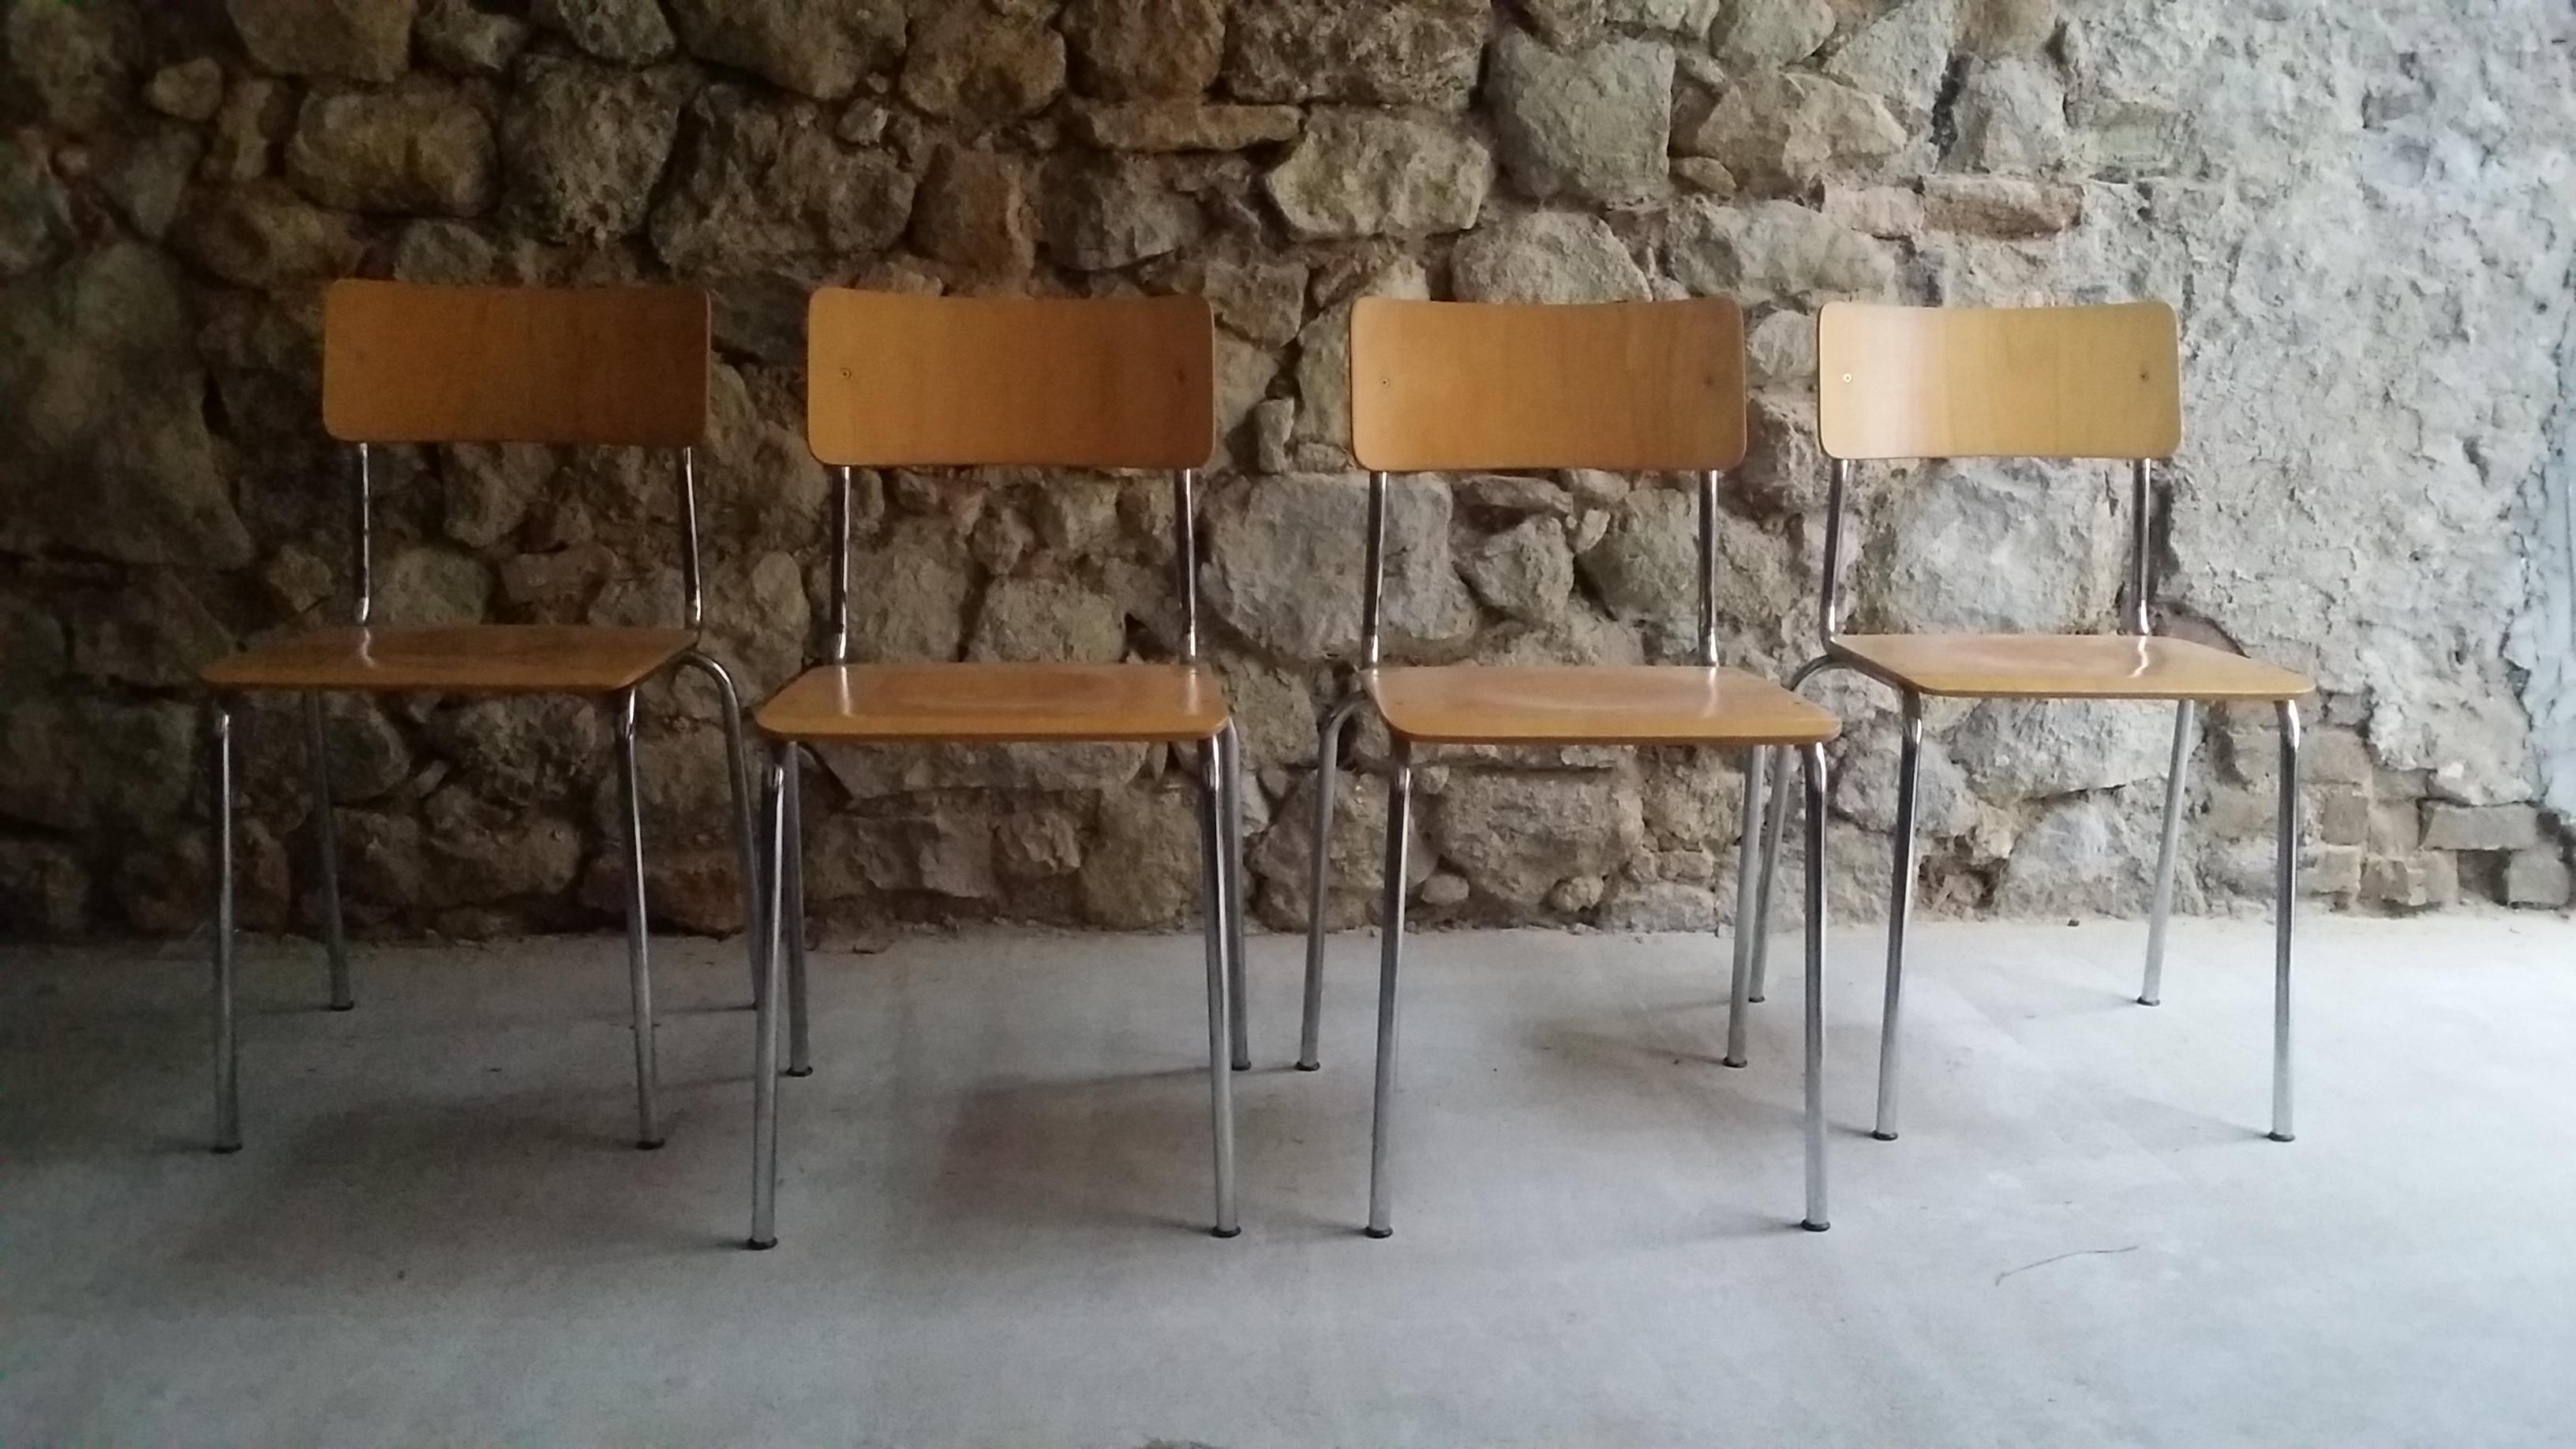 Nett Vintage Küchenstühle Uk Ideen - Küche Set Ideen ...